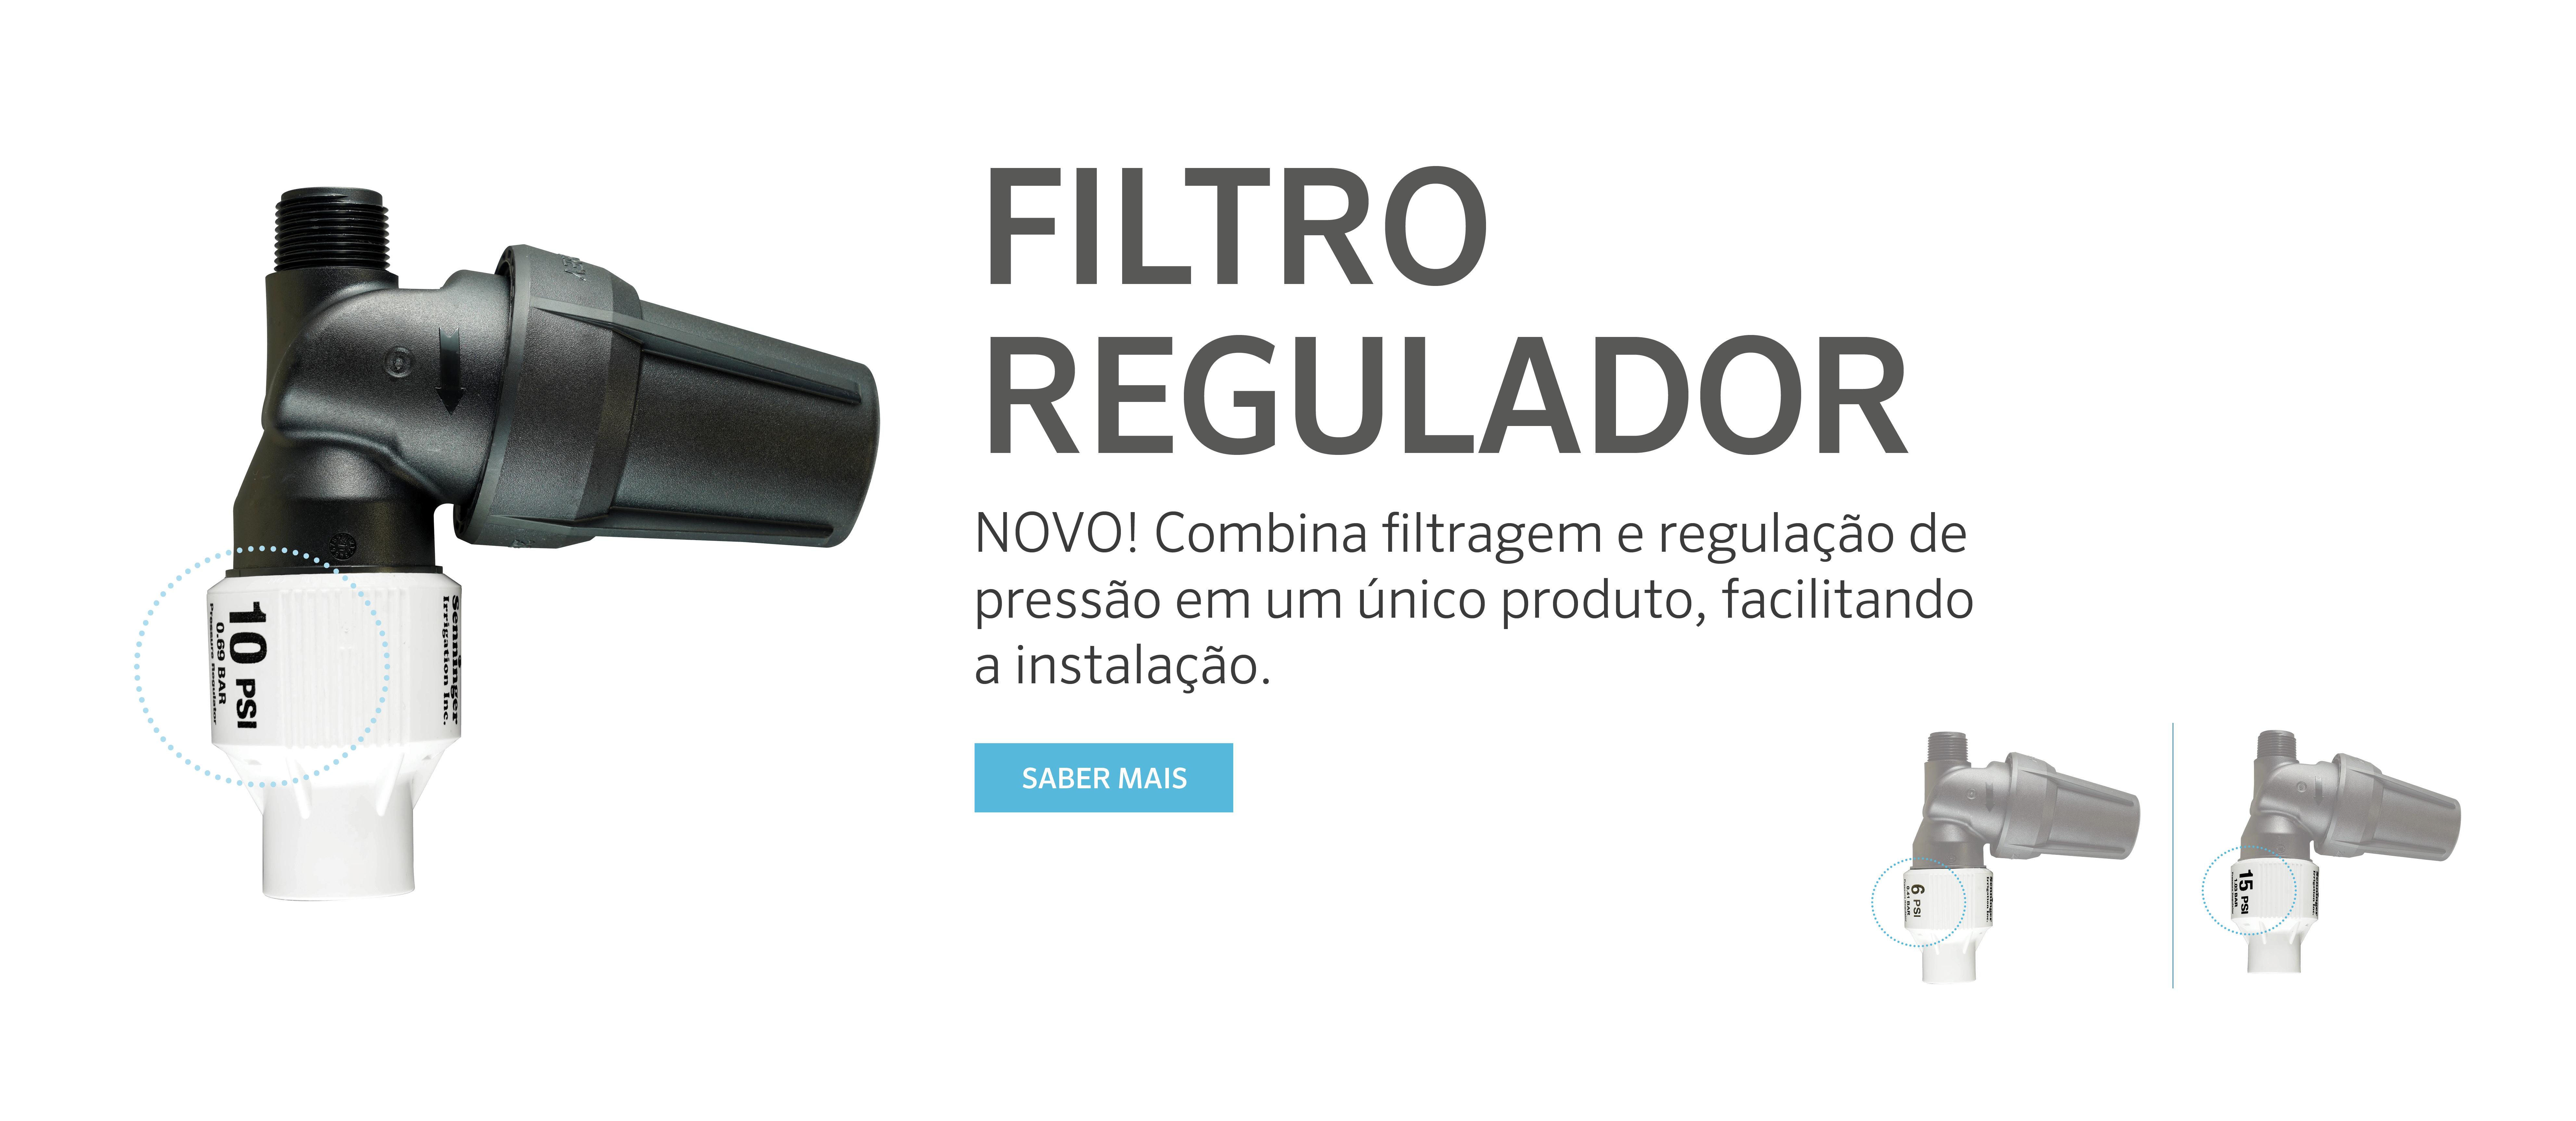 Regulador com filtro combina filtragem e regulação de pressão em um único dispositivo